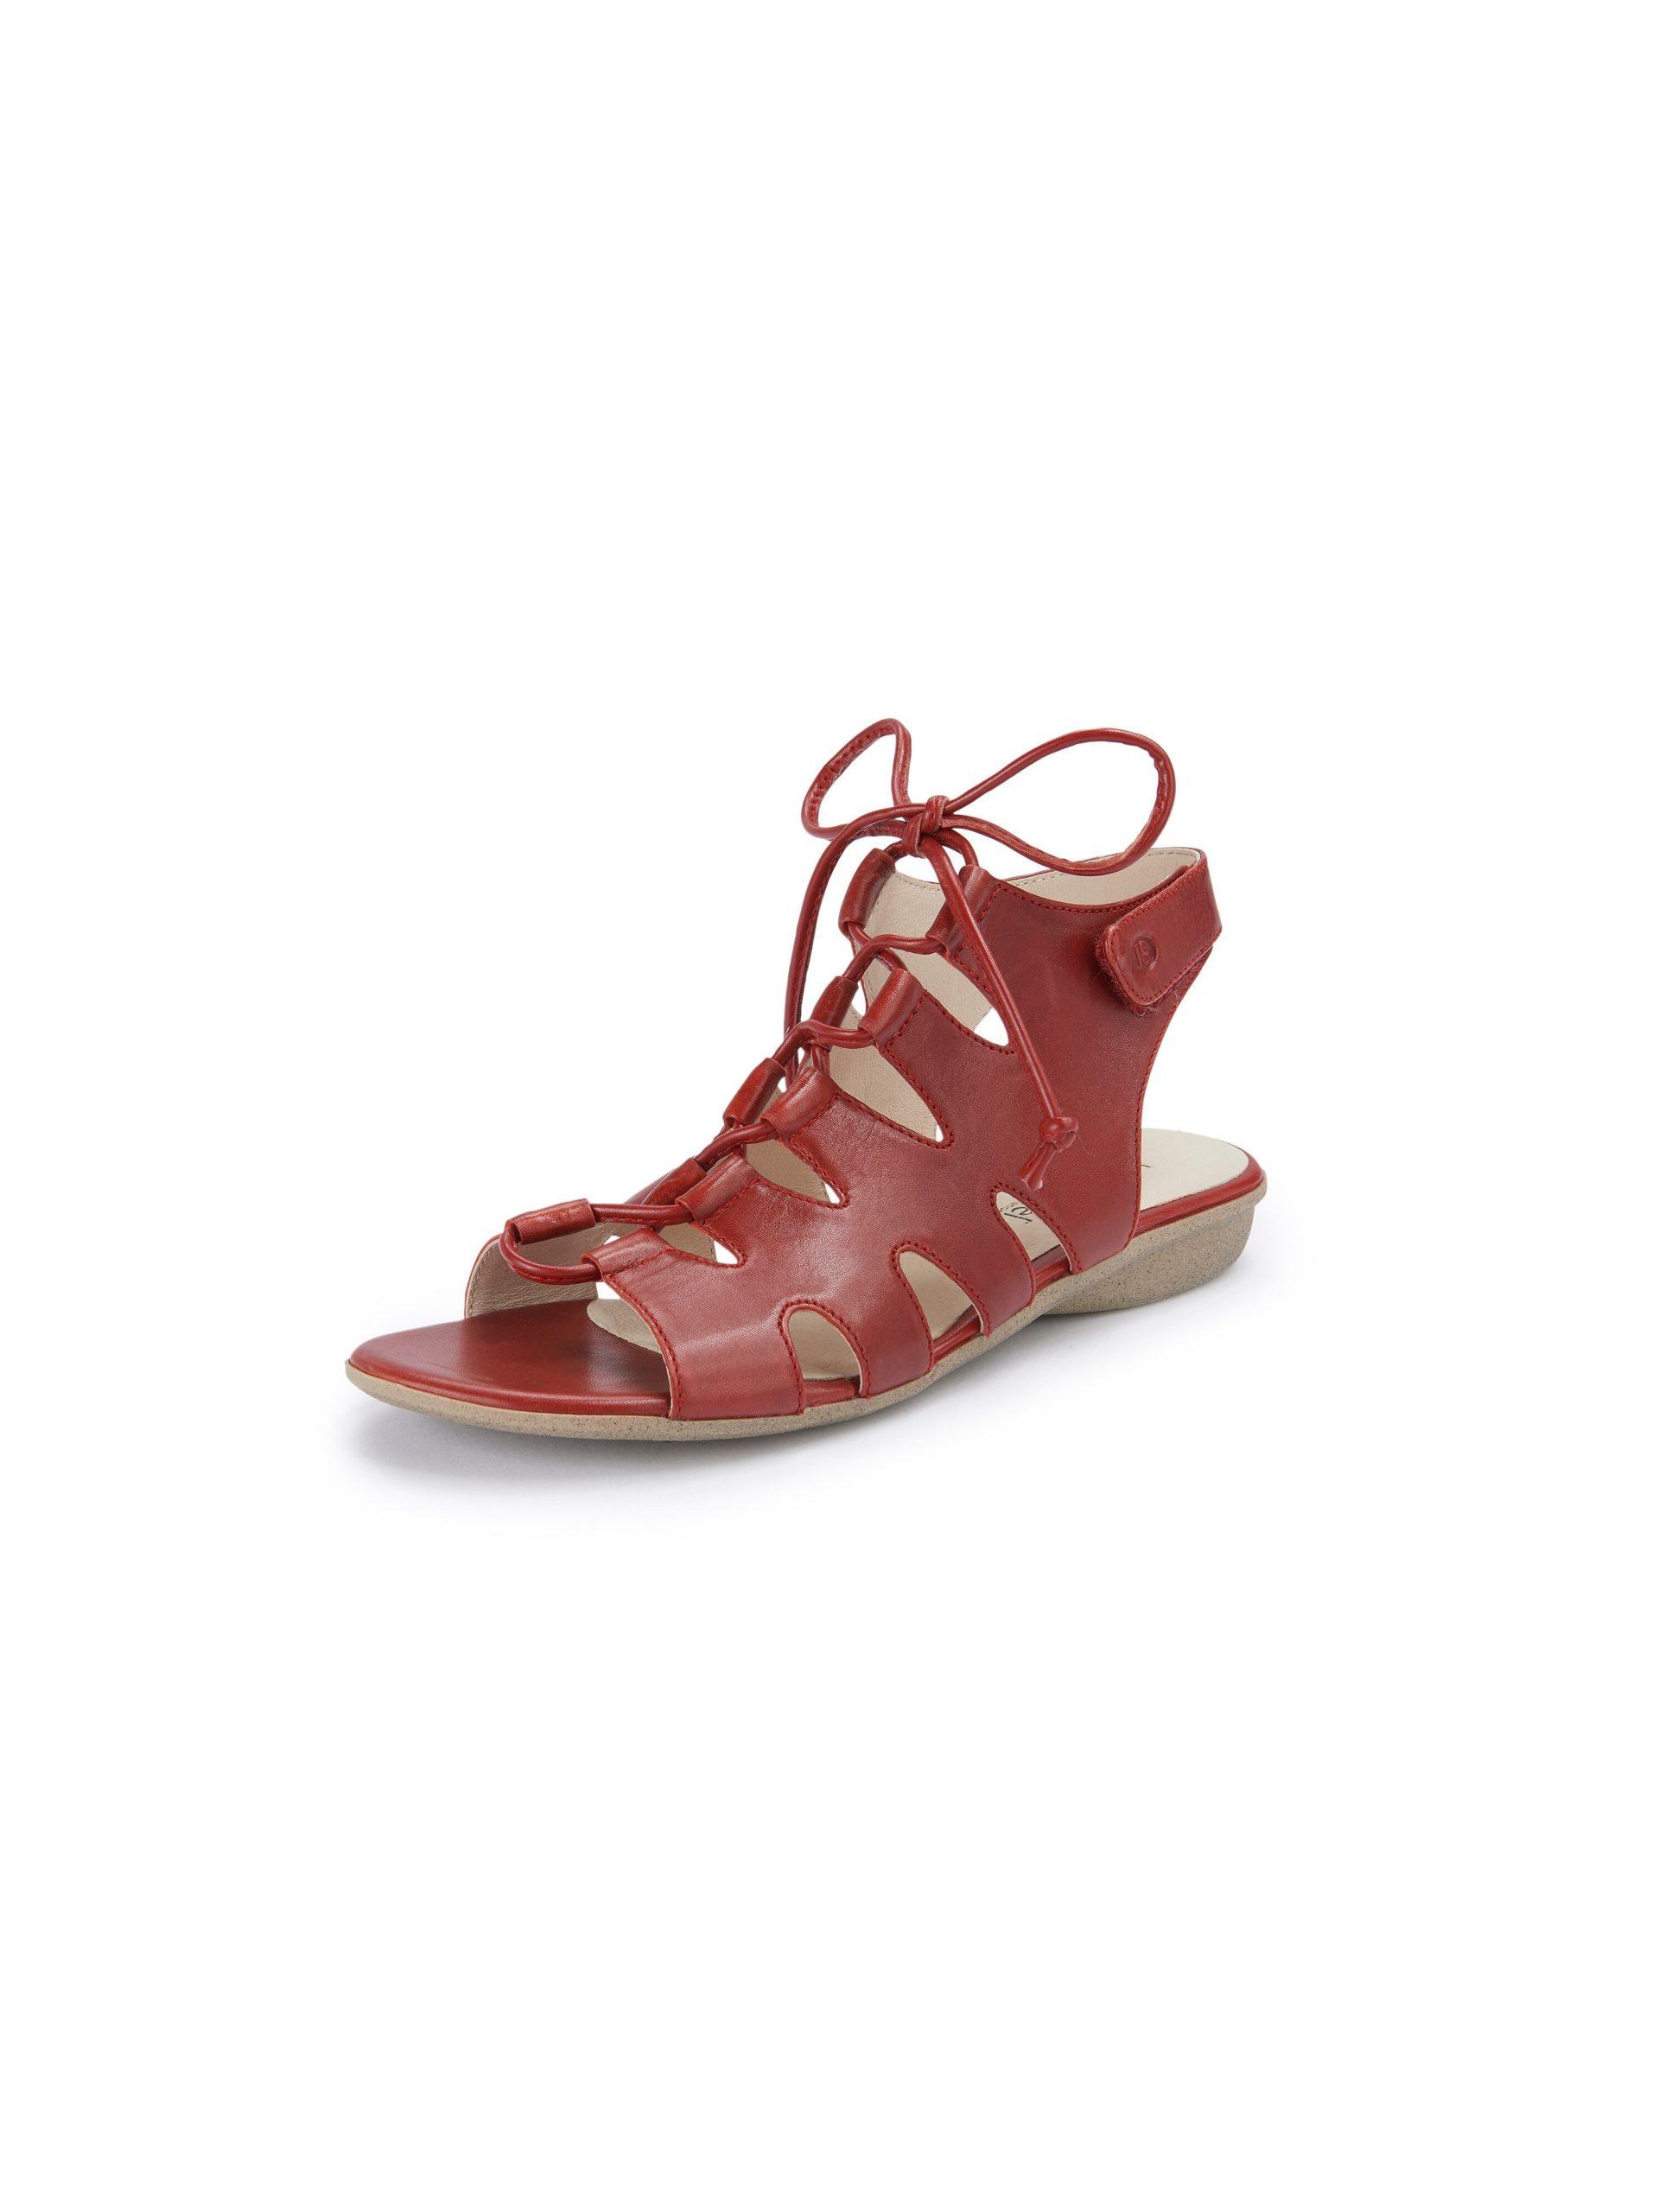 Sandalen Van Josef Seibel rood Kopen